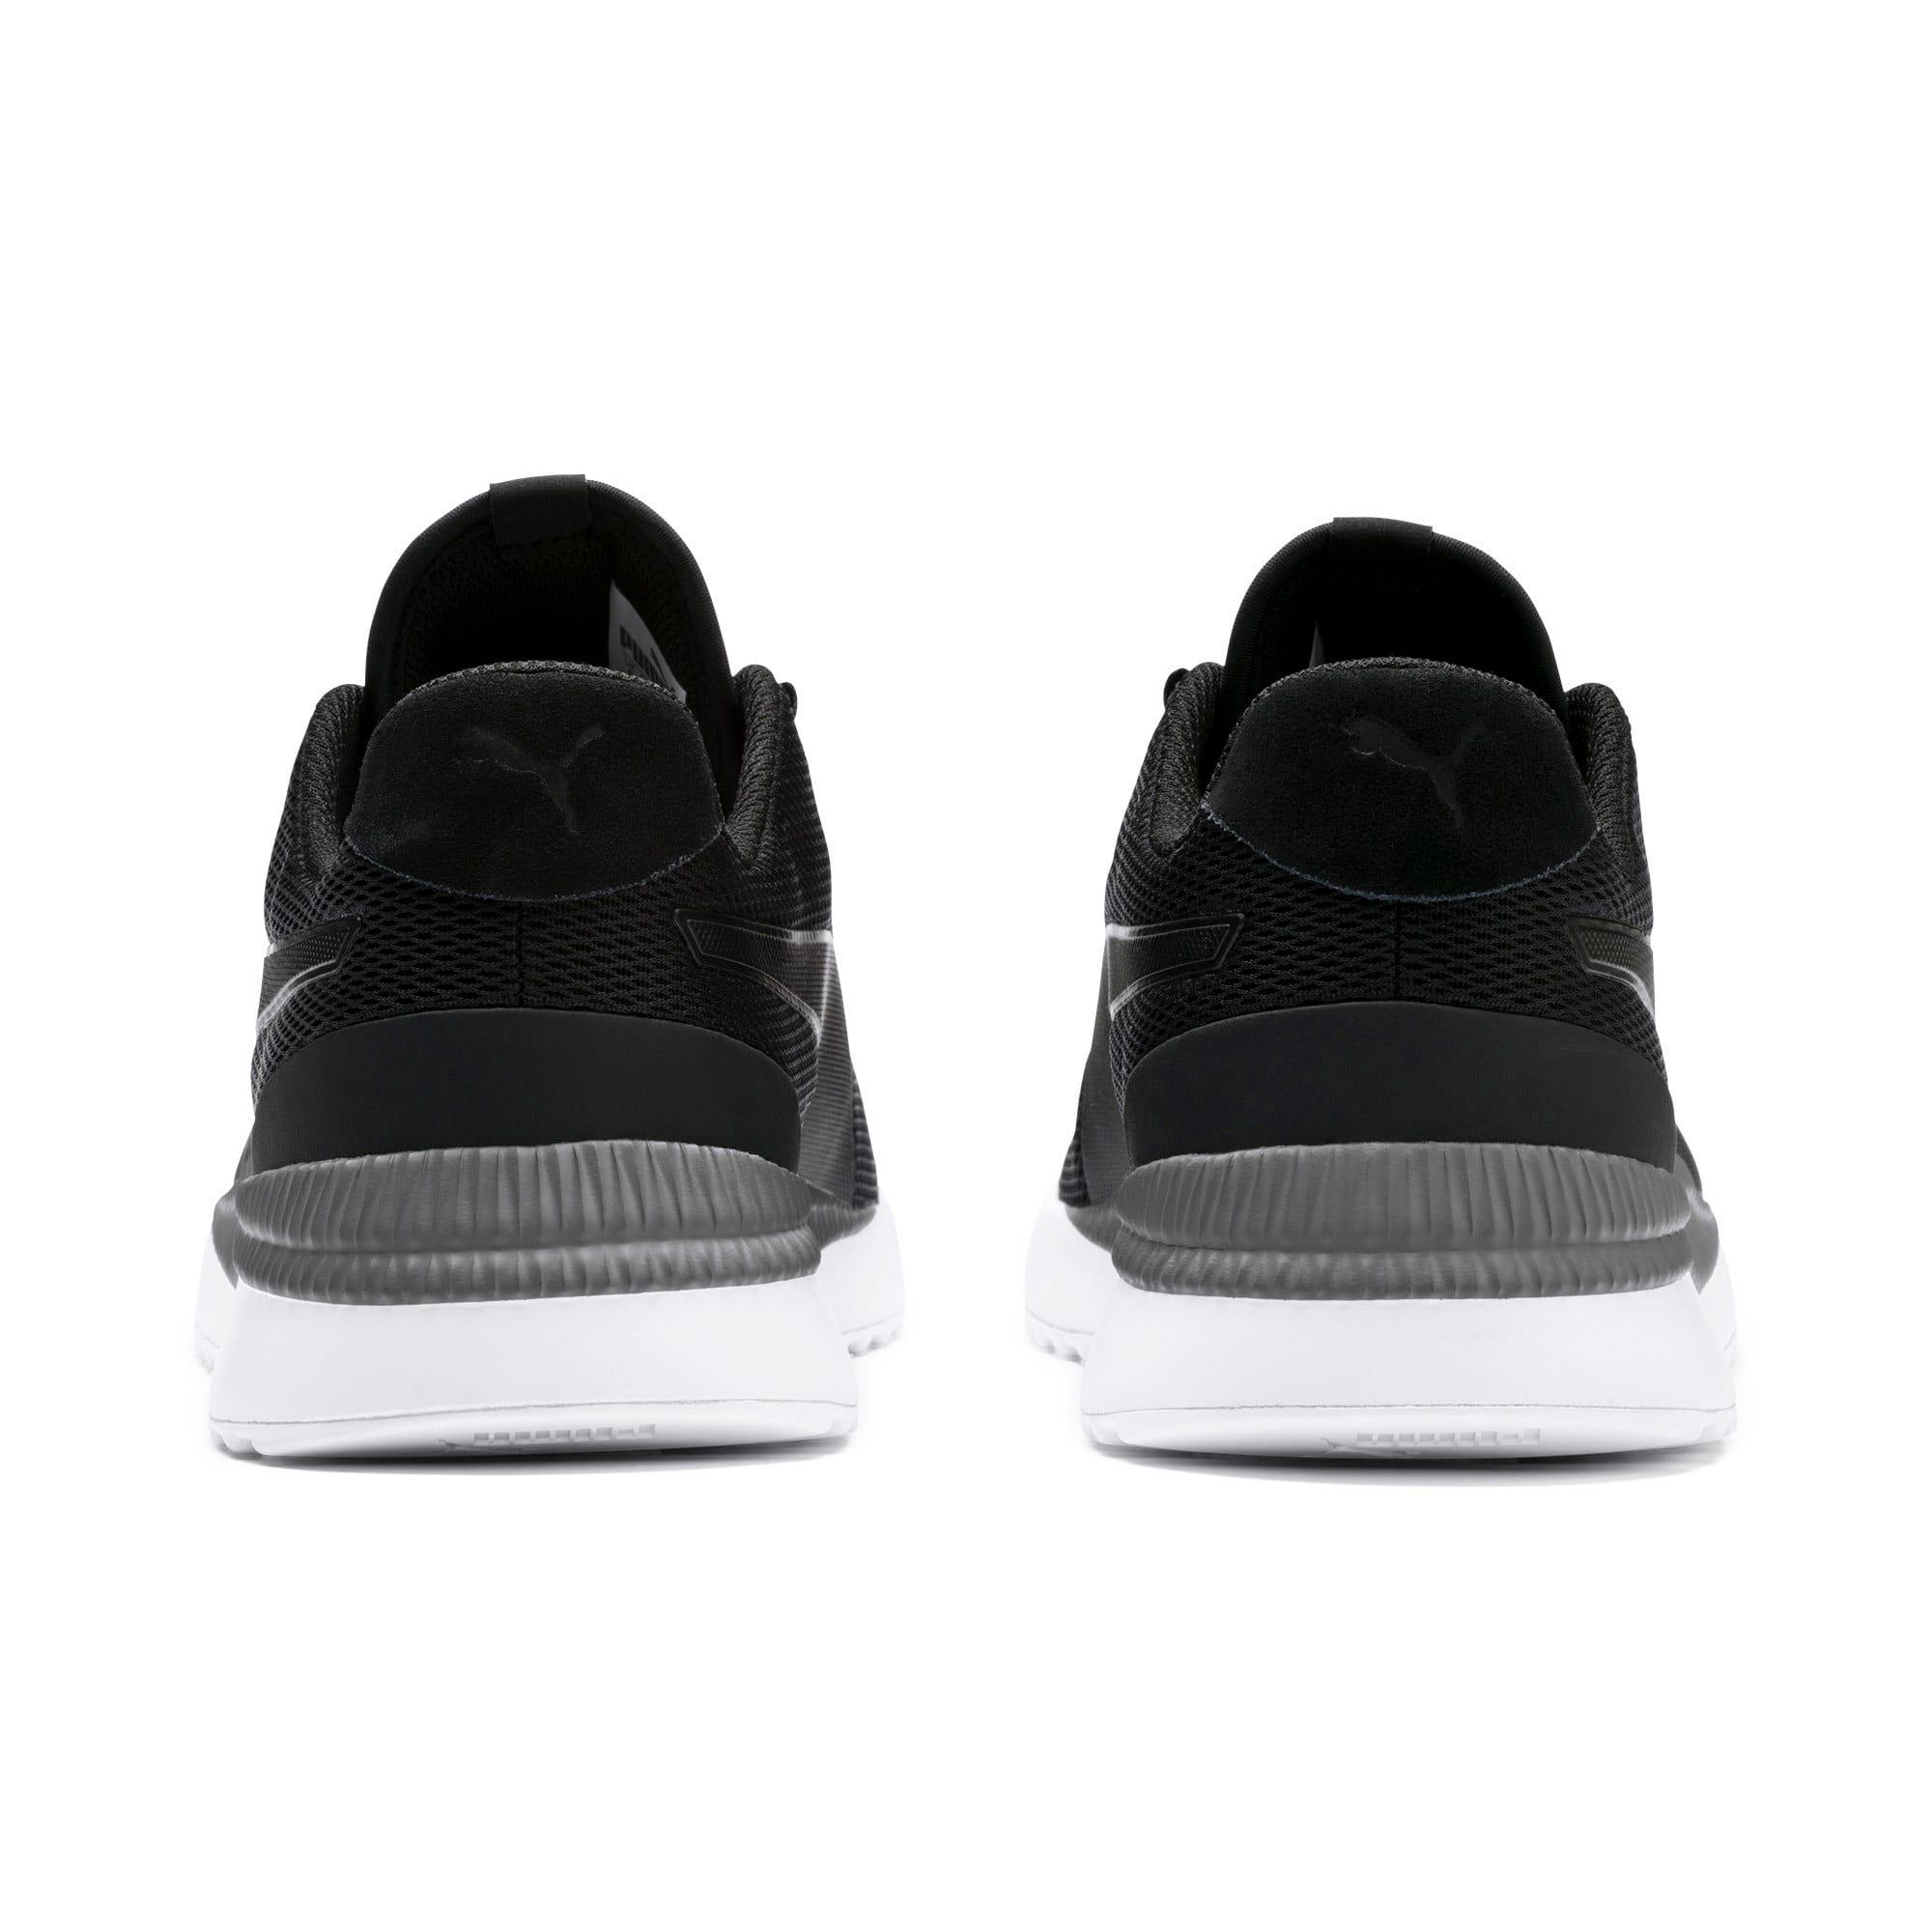 Miniatura 3 de Zapatos deportivosPacer Next FS, Puma Black-Iron Gate, mediano